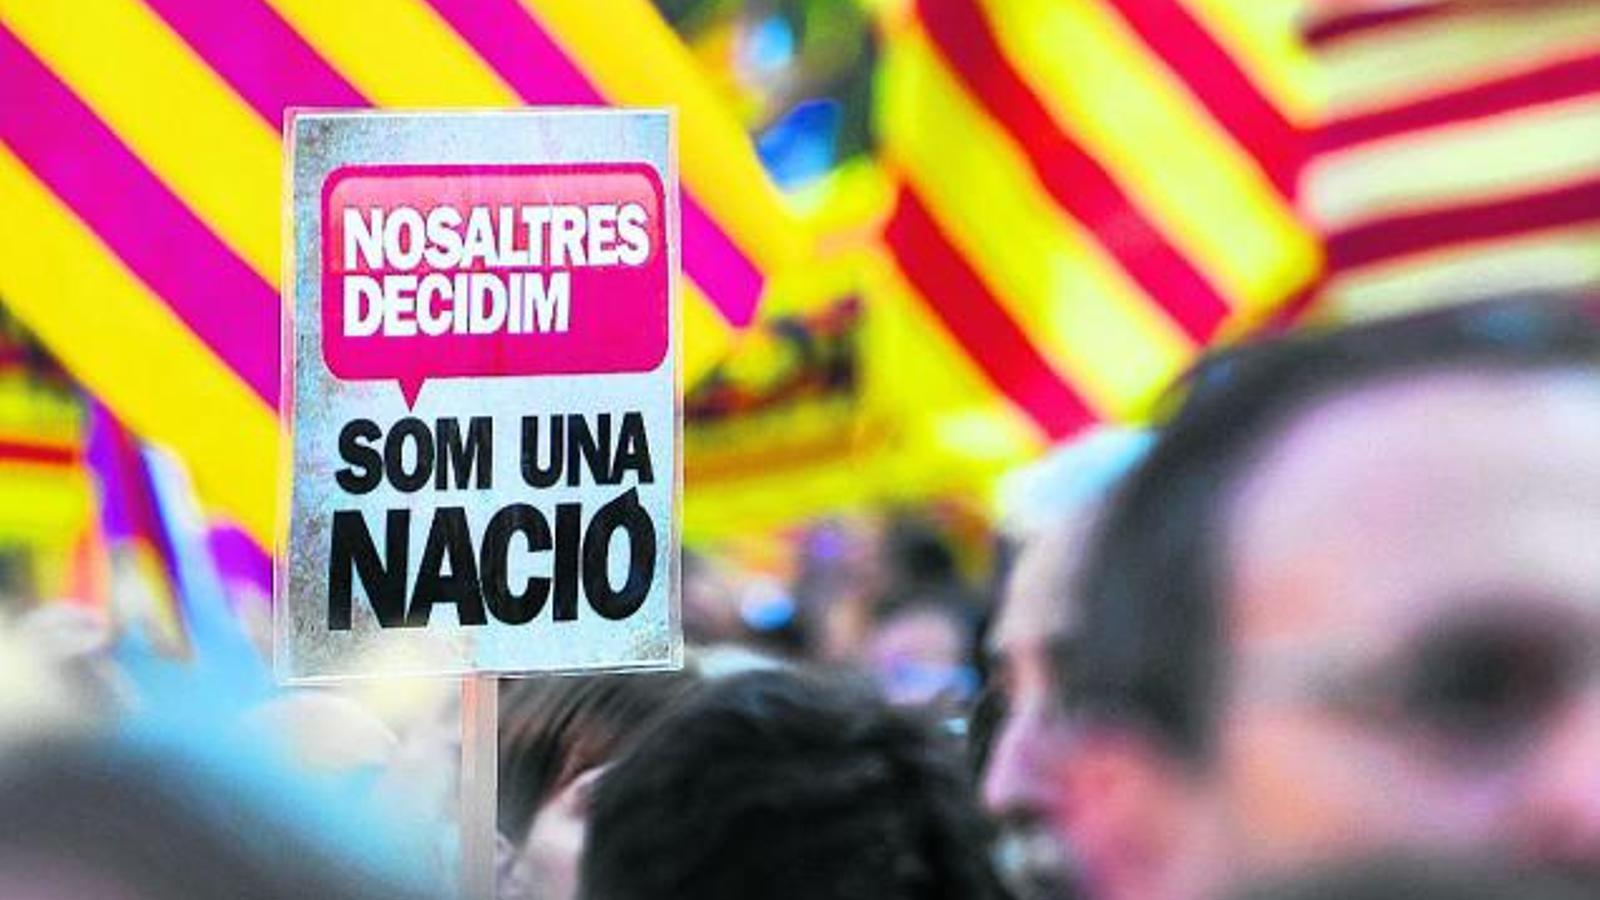 El 'dret a decidir' guanya terreny al 'dret d'autodeterminació'